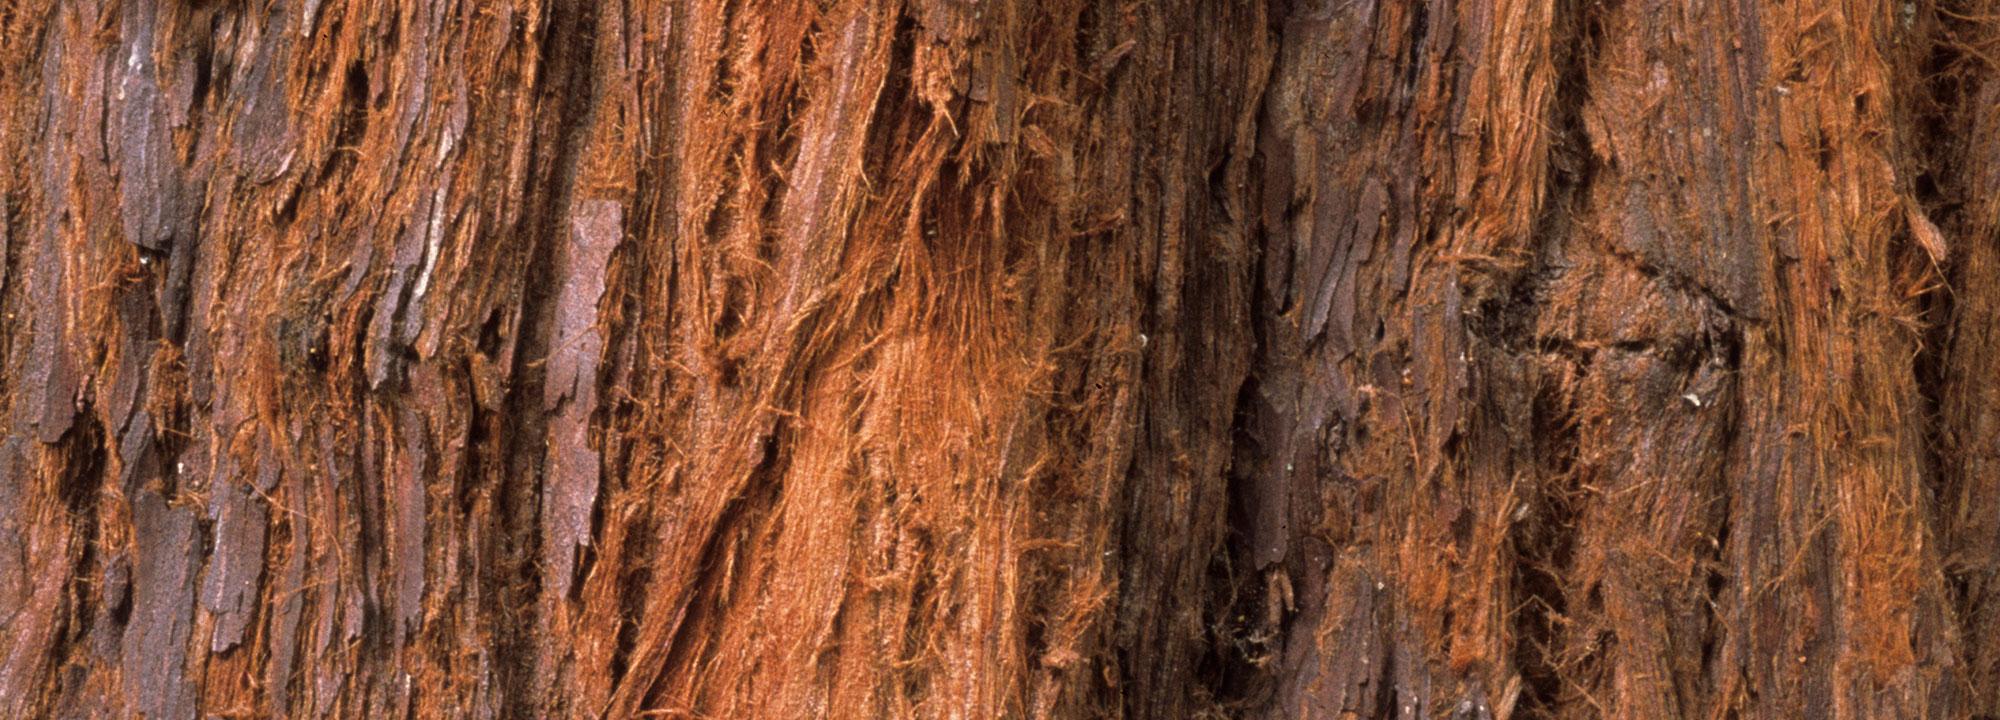 Détail de l'écorce de Séquoias géants (Sequoiadendron giganteum) © MNHN